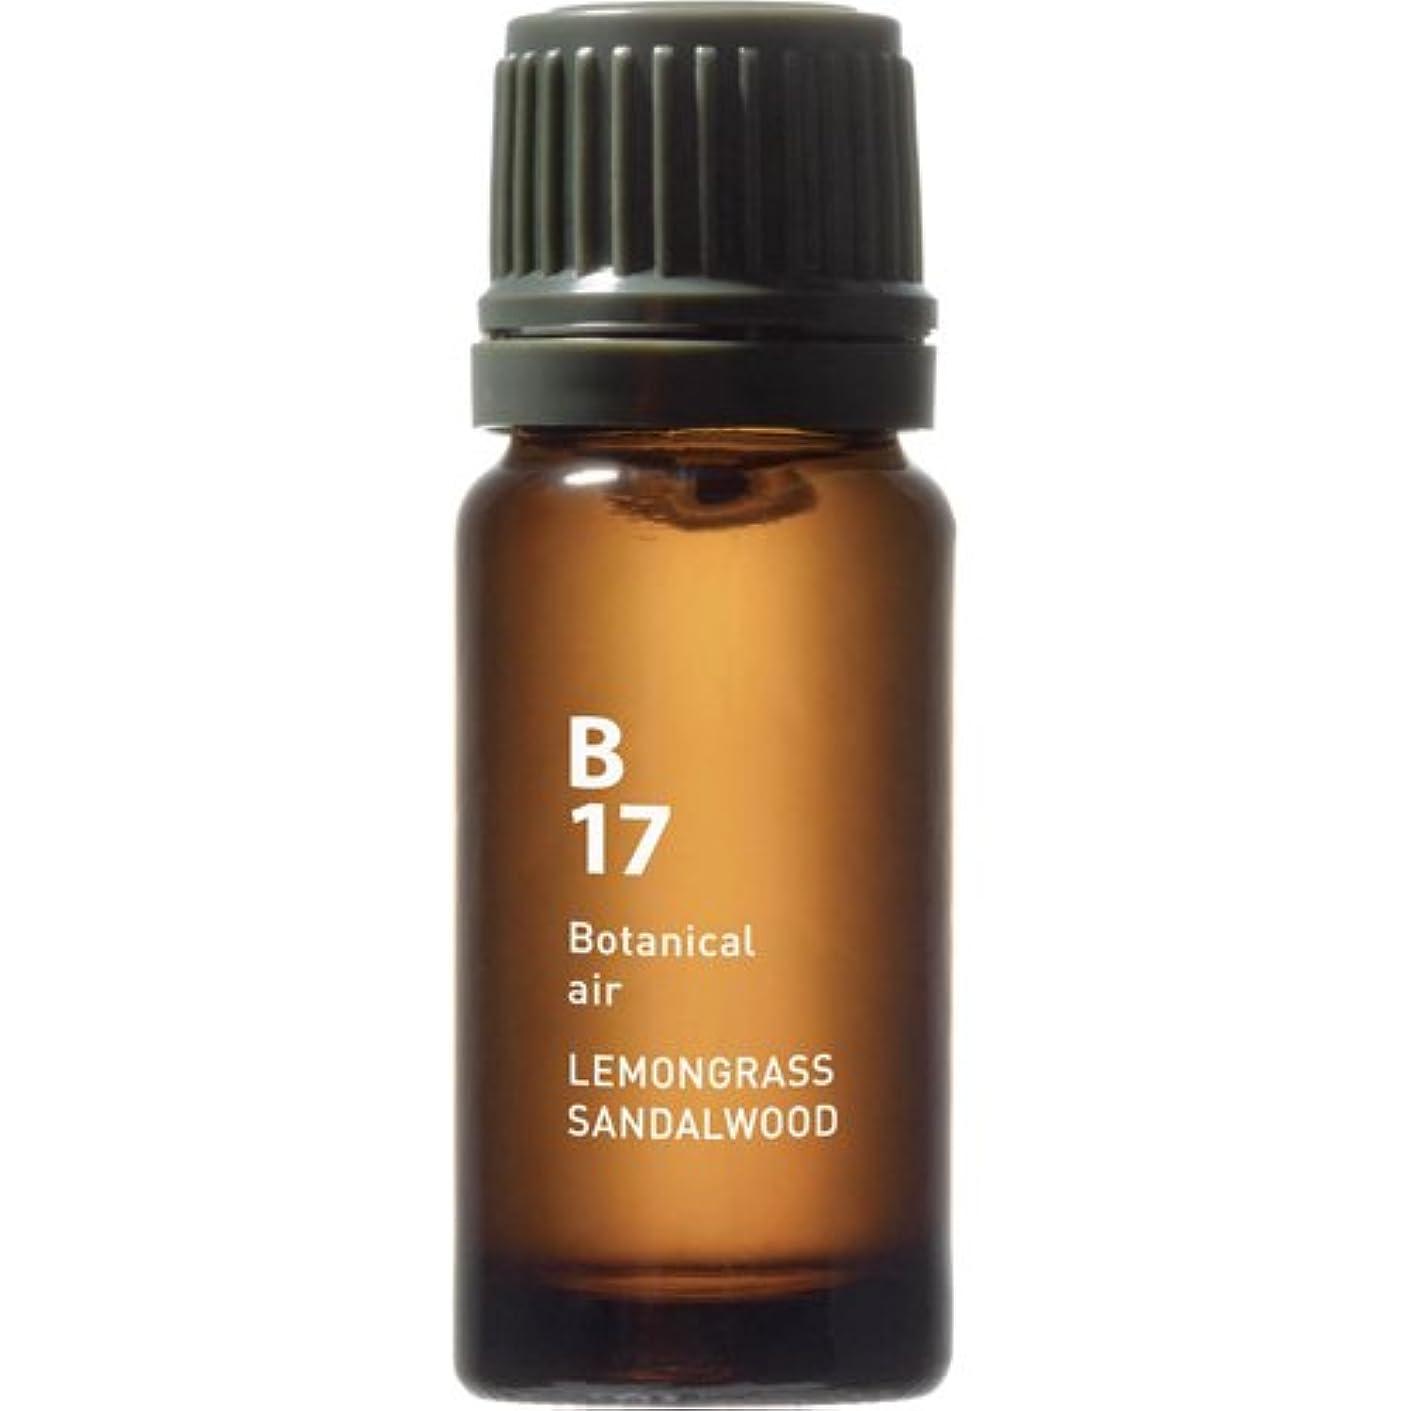 好奇心盛担当者滝B17 レモングラスサンダルウッド Botanical air(ボタニカルエアー) 10ml